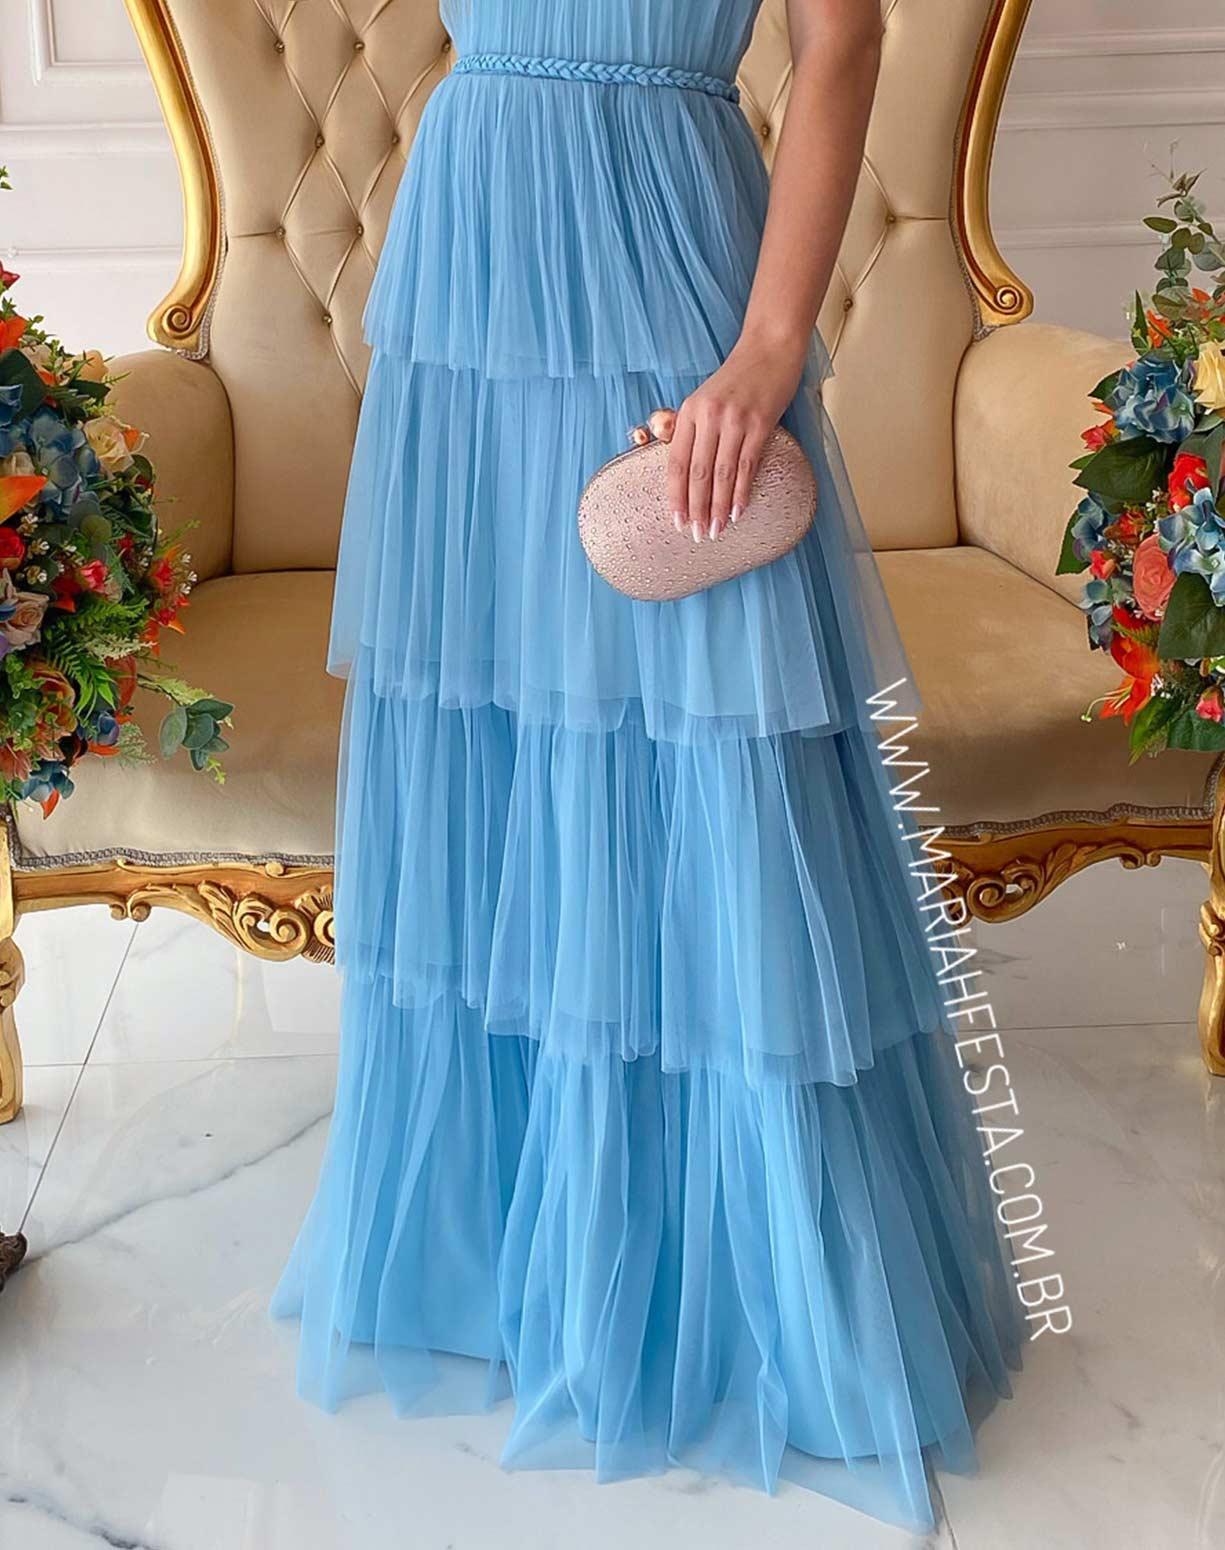 Vestido Frente Única Azul Serenity com Detalhes em Macrame Acetinado